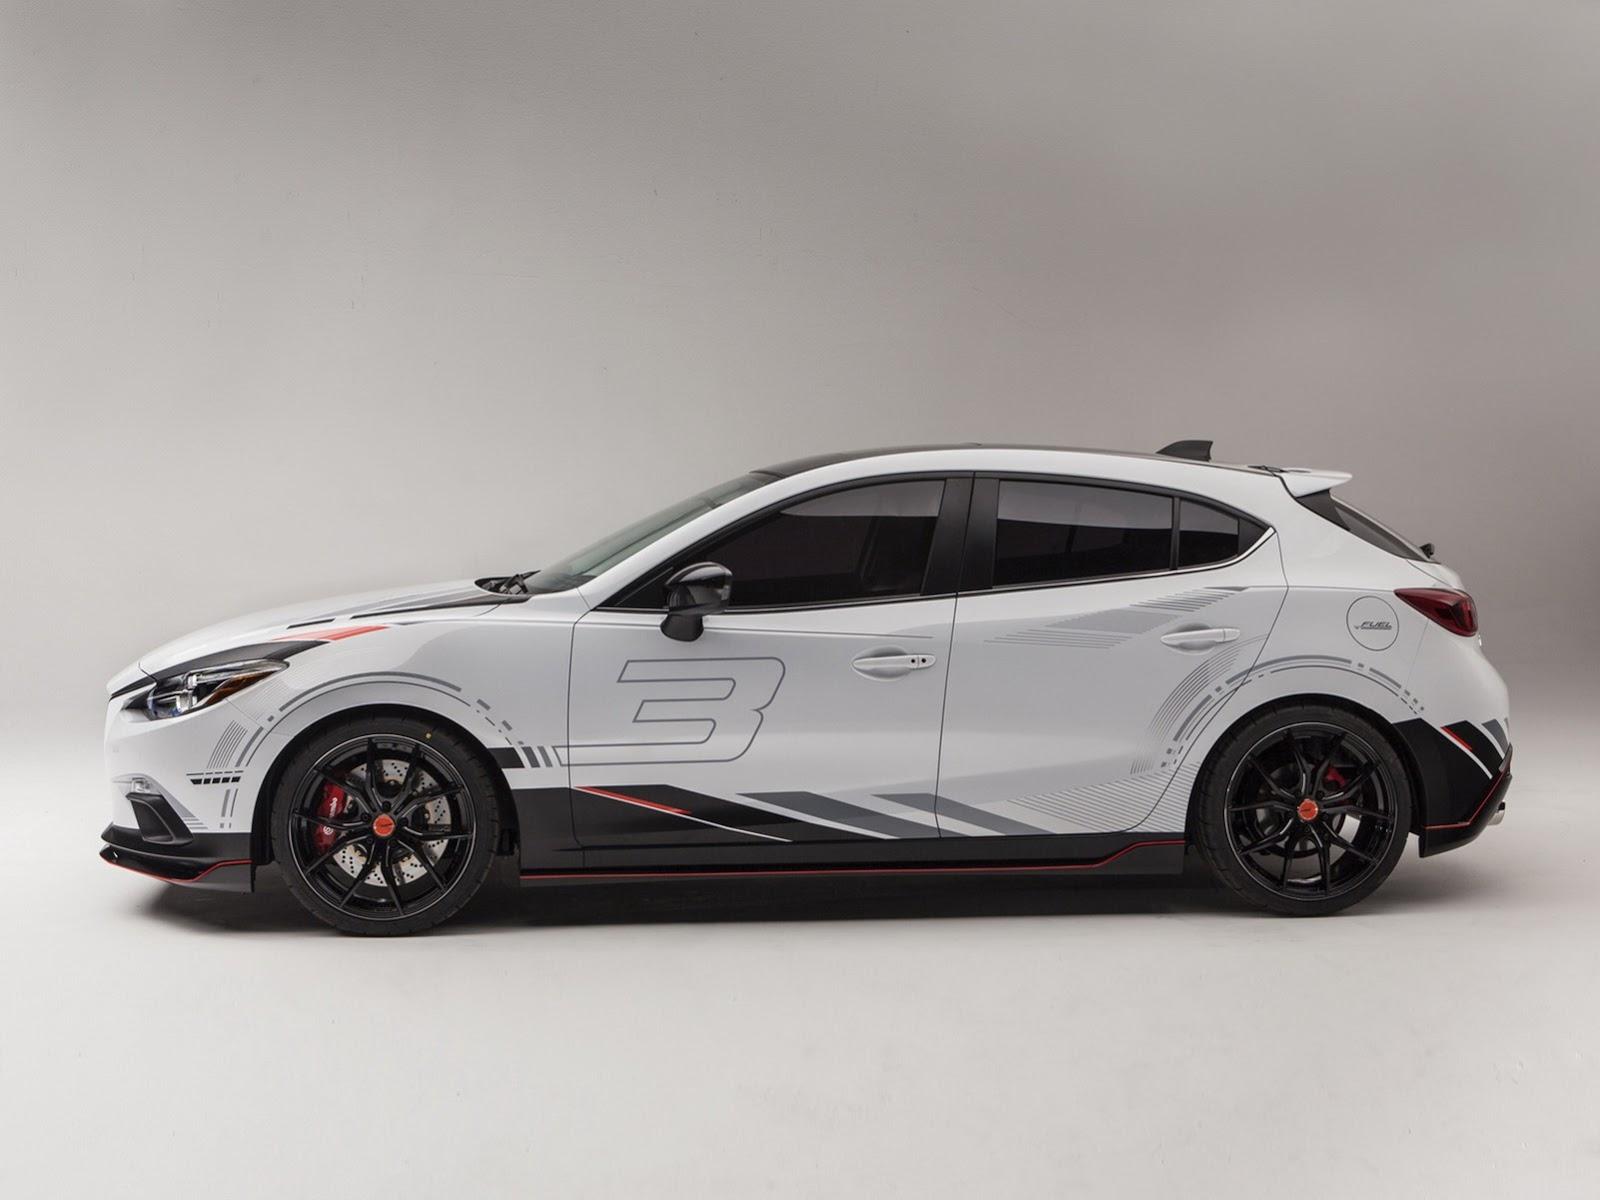 Mazda เตรียมเปิดตัวรถ 2 รุ่นด้วยกันในงานอย่าง 2013 Sema Show รถใหม่ 2018 2019 รีวิวรถ